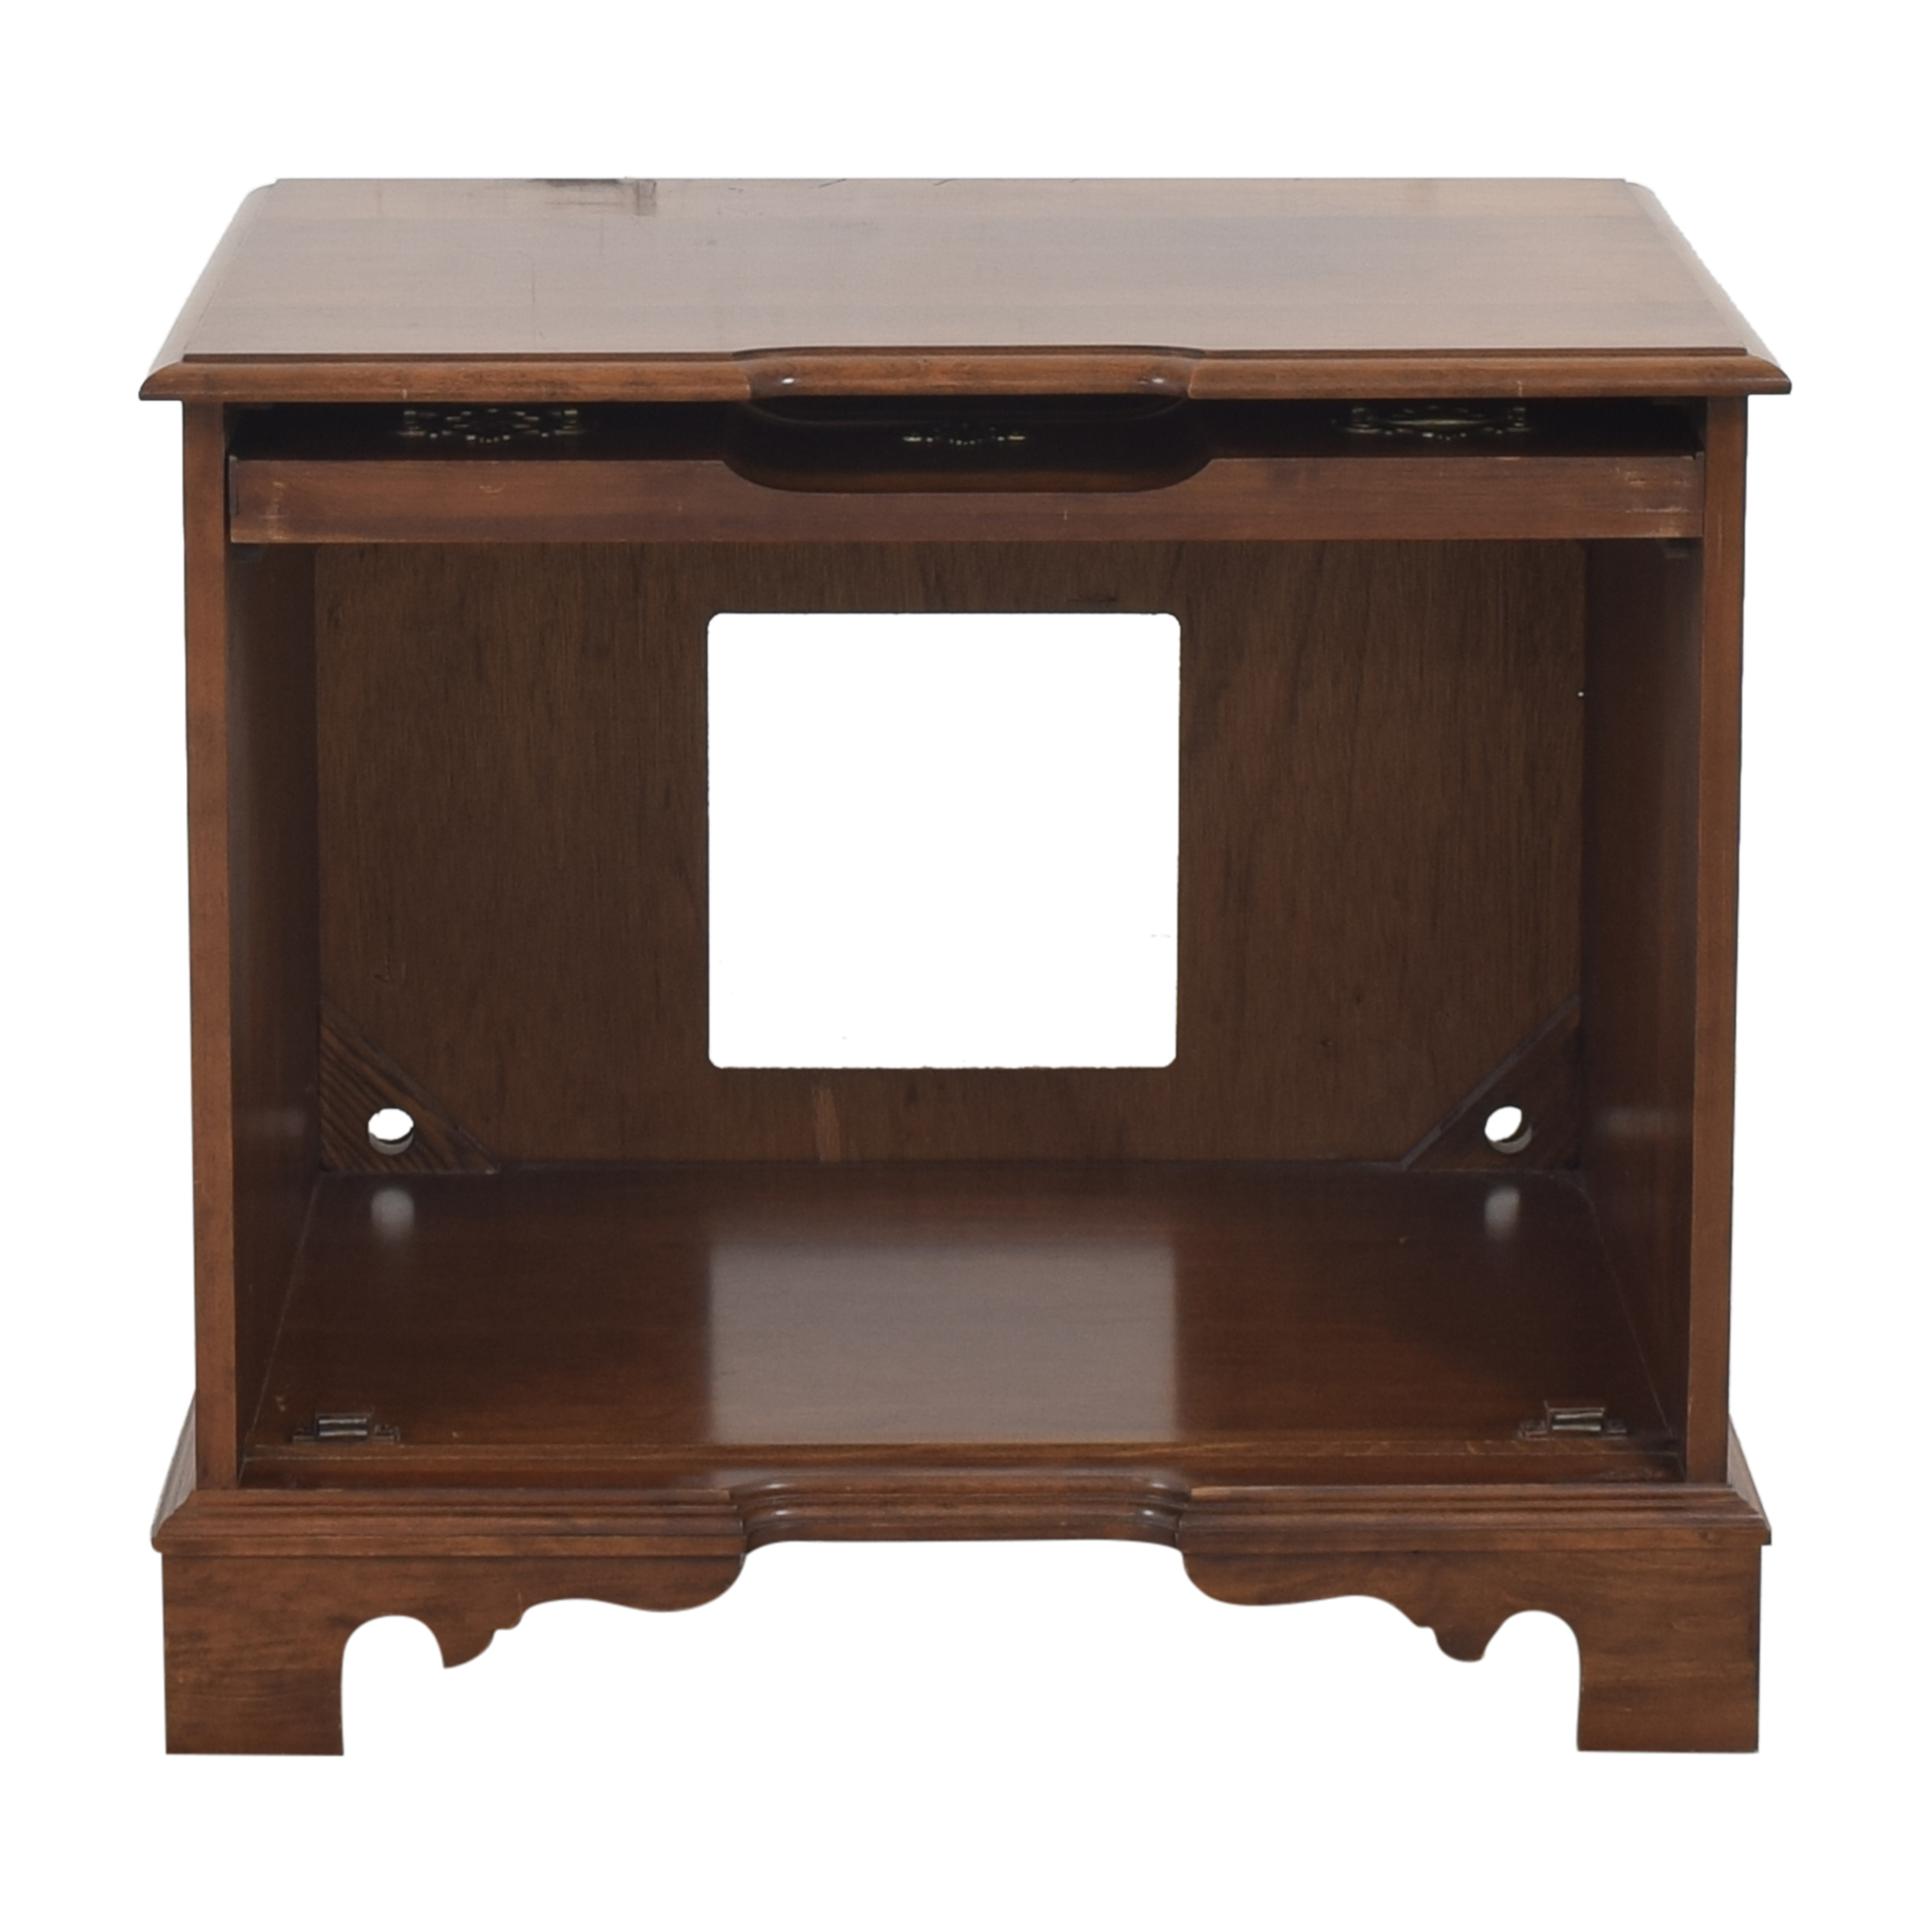 shop  Cabinet with Hidden Lift Up Door online